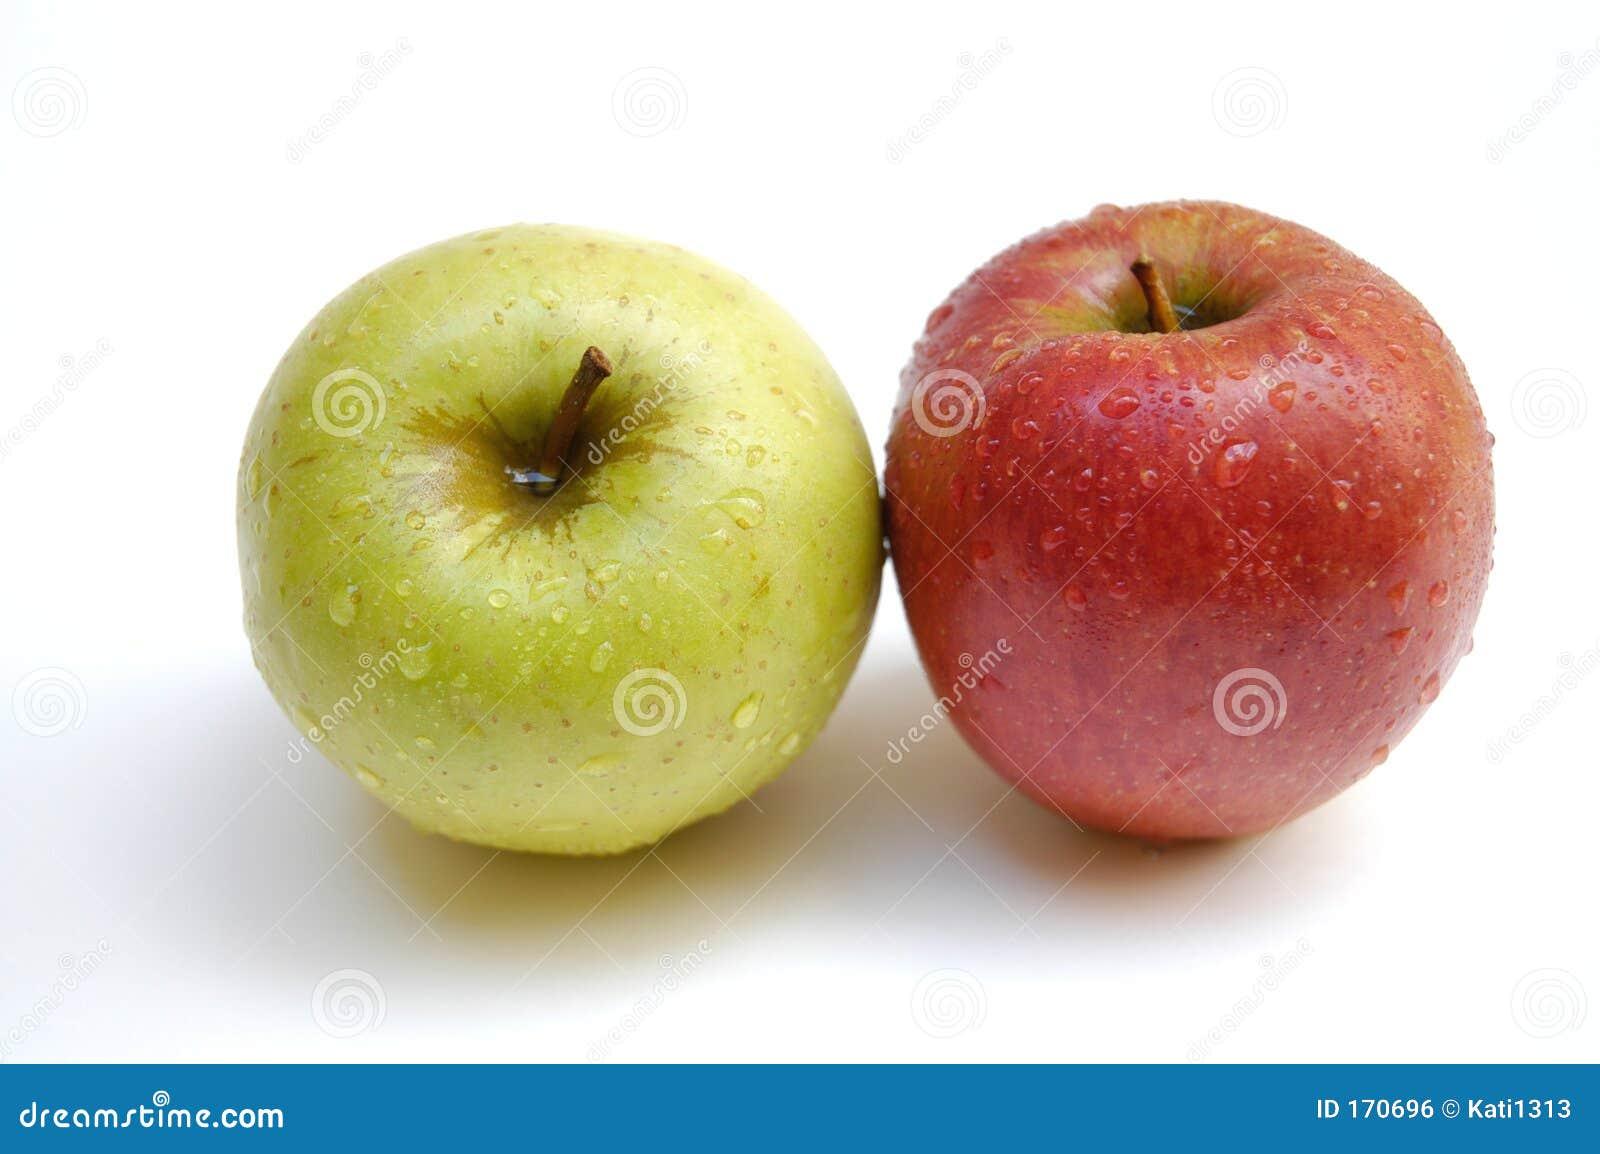 Wet apples